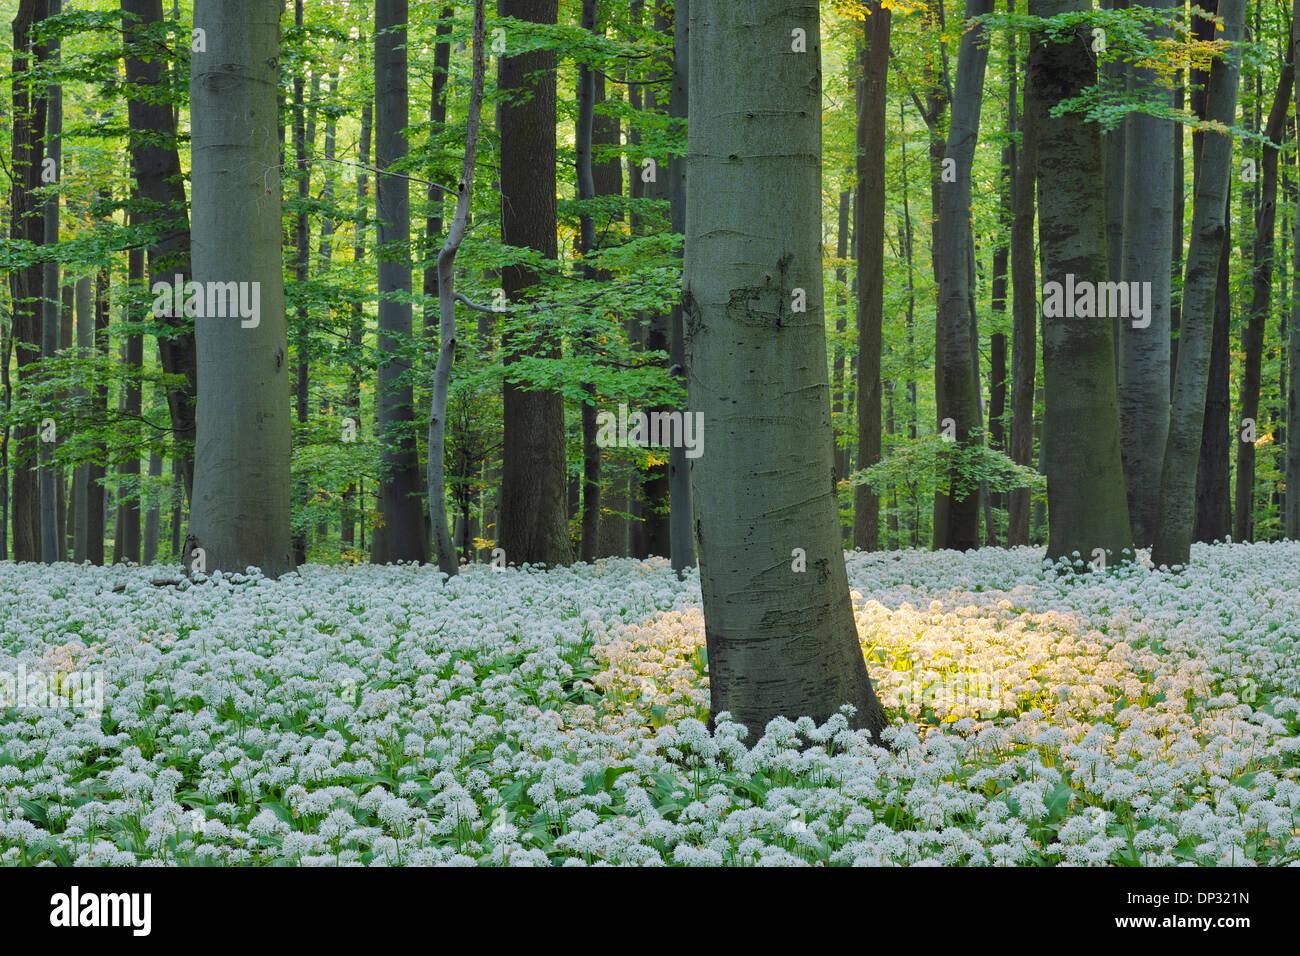 Ramsons (Allium ursinum) en hêtre européen (Fagus sylvatica) Forest in Spring, Parc national du Hainich, Thuringe, Allemagne Banque D'Images